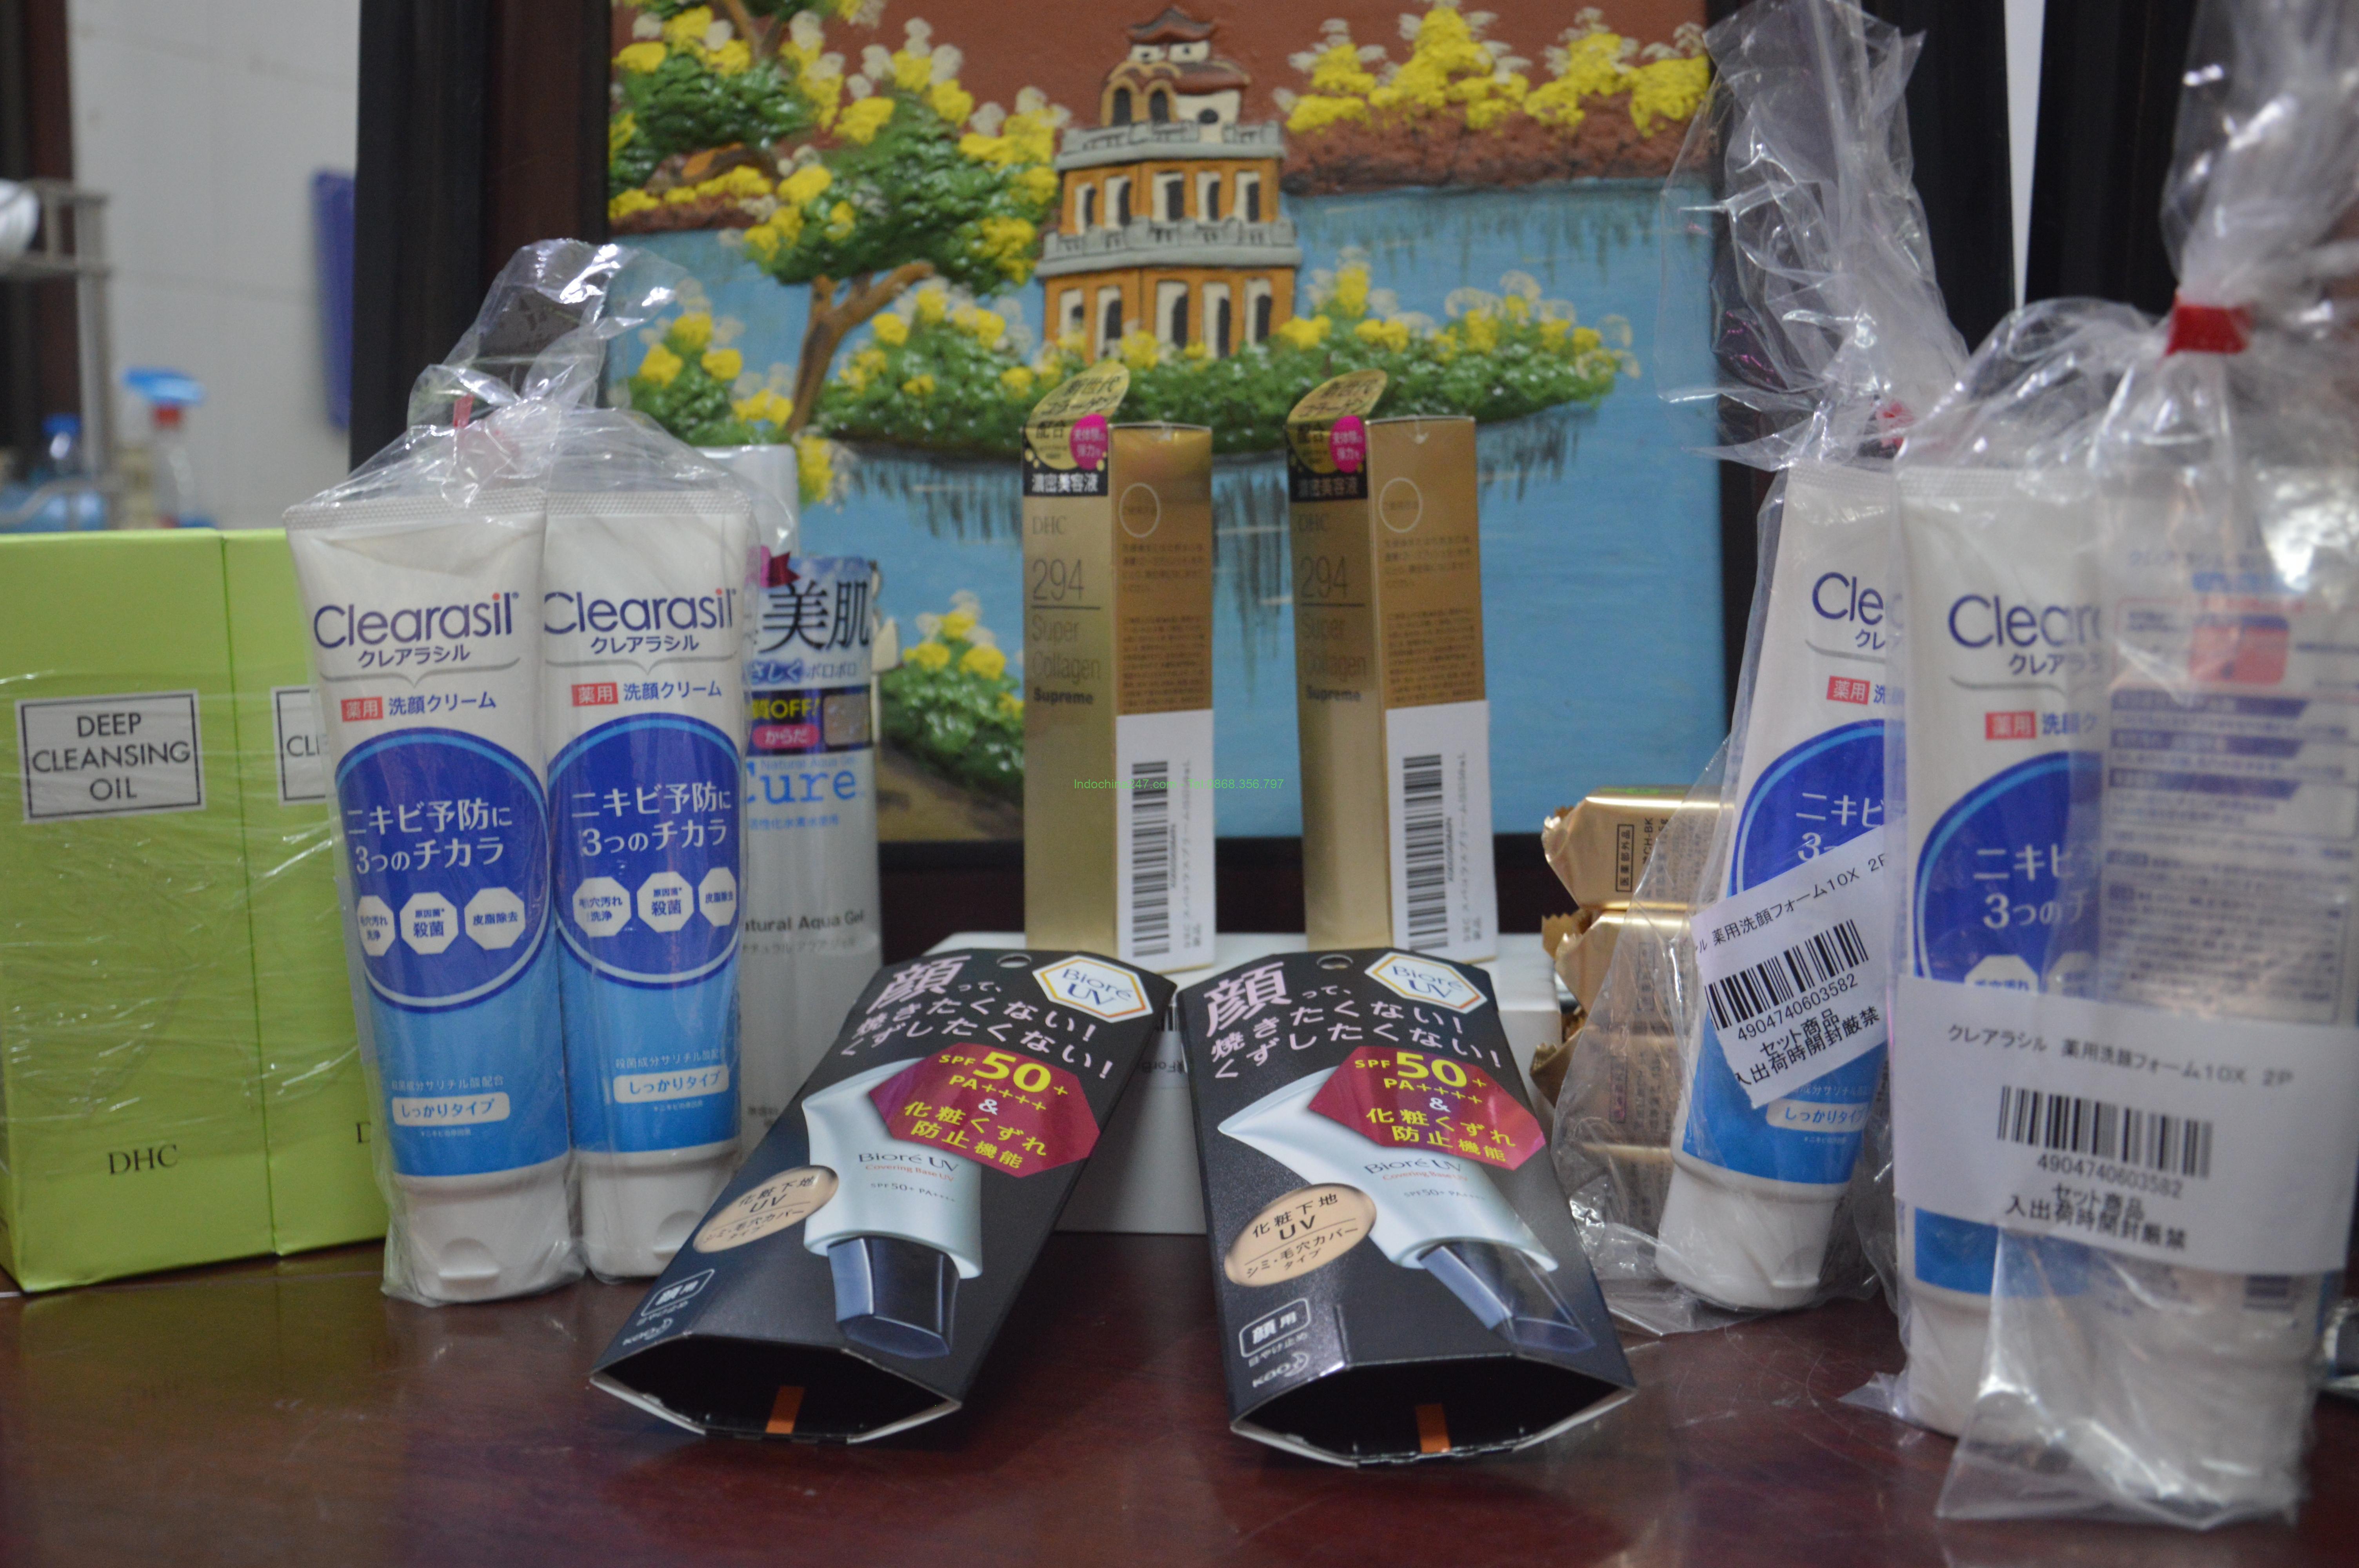 Nhận gửi hàng thực phẩm chức năng và mỹ phẩm từ Hàn và Nhật